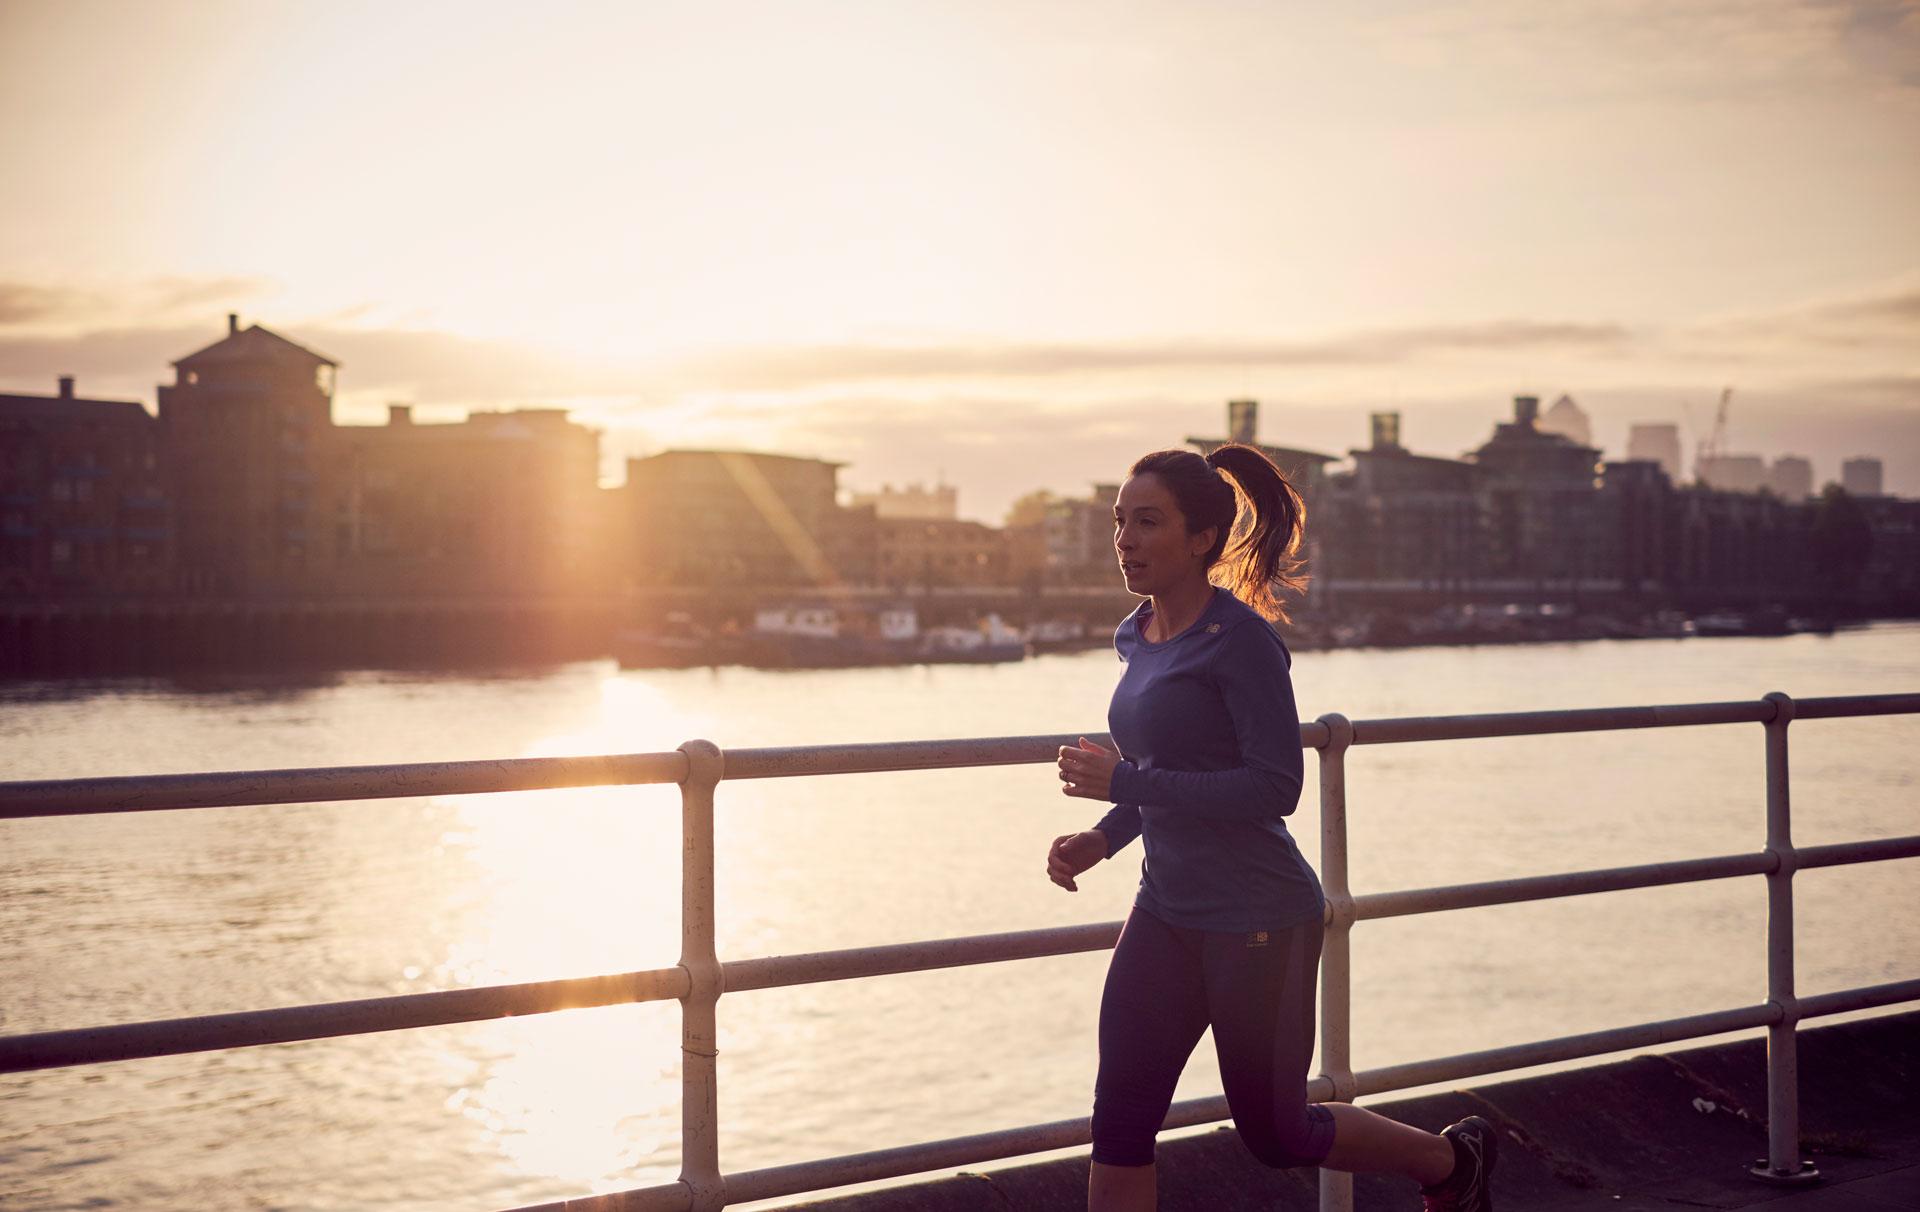 une femme faisant de l'exercice dehors